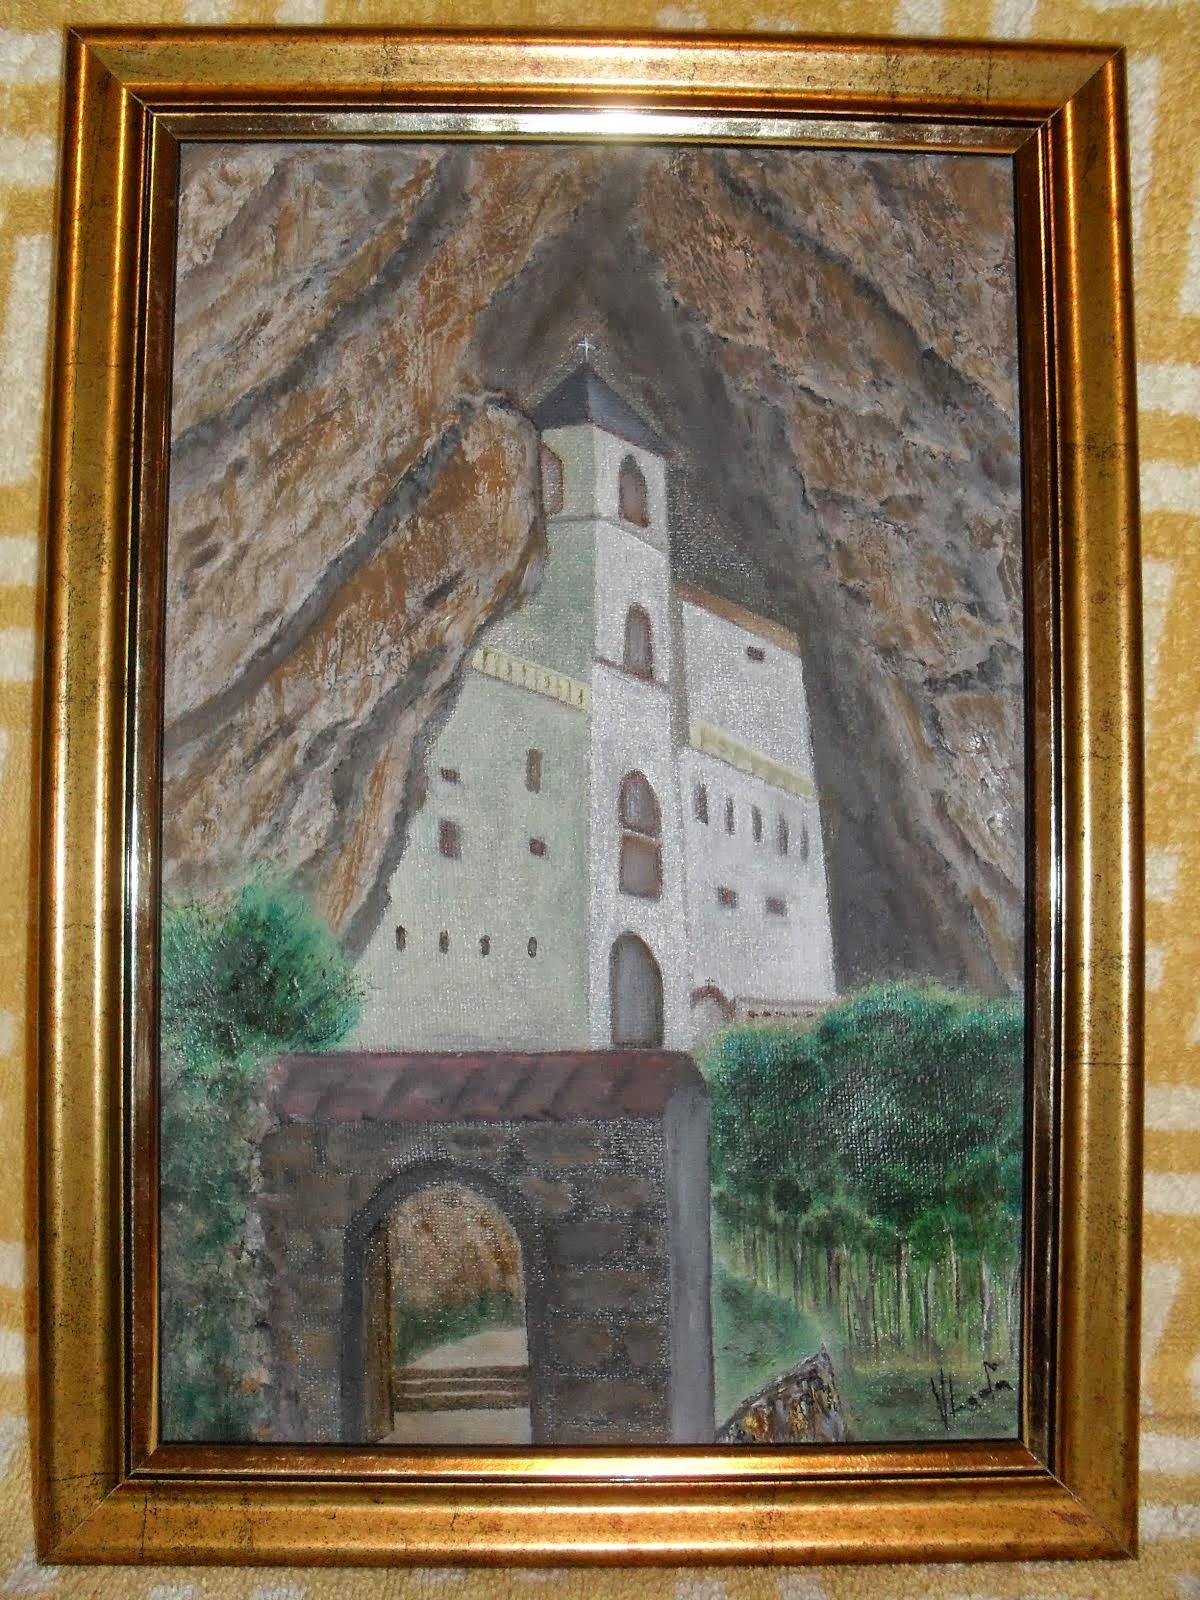 DONACIJA ZA IZGRADNJU SRPSKE PRAVOSLAVNE CRKVE U NISU-Vladisav ART Bogicevic slikar Luna-Nis